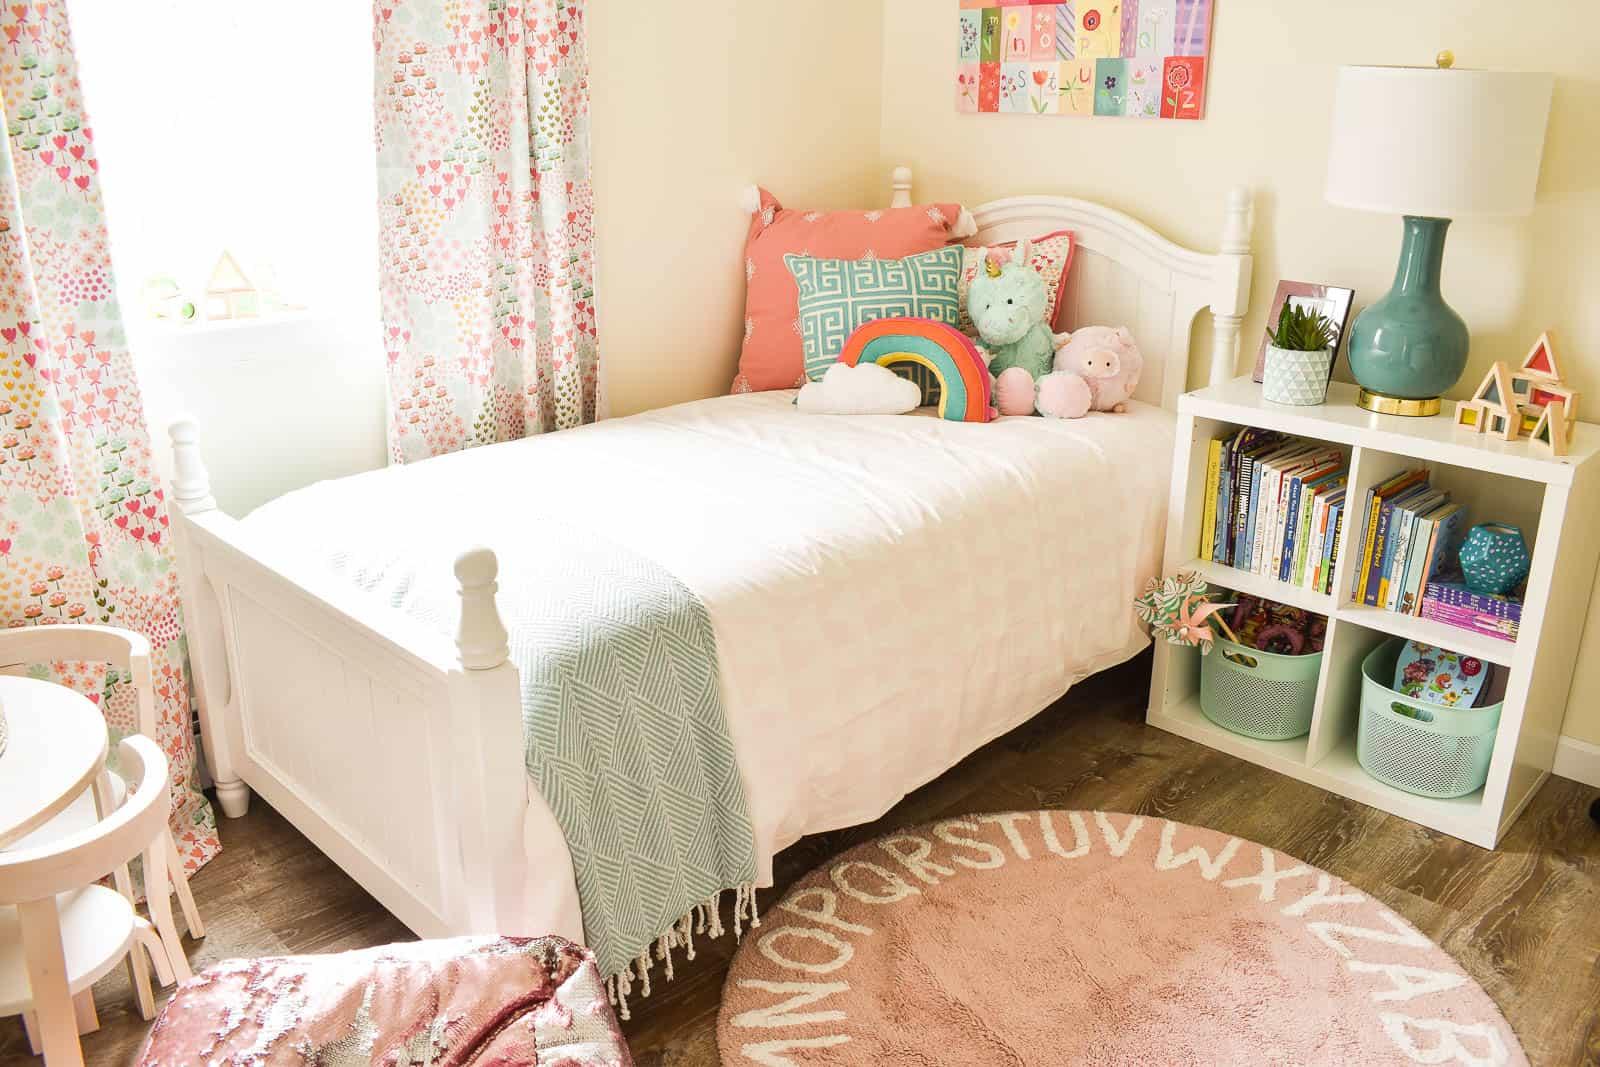 Little Girls Bedroom Design For Habitat Humanity At Charlotte S House